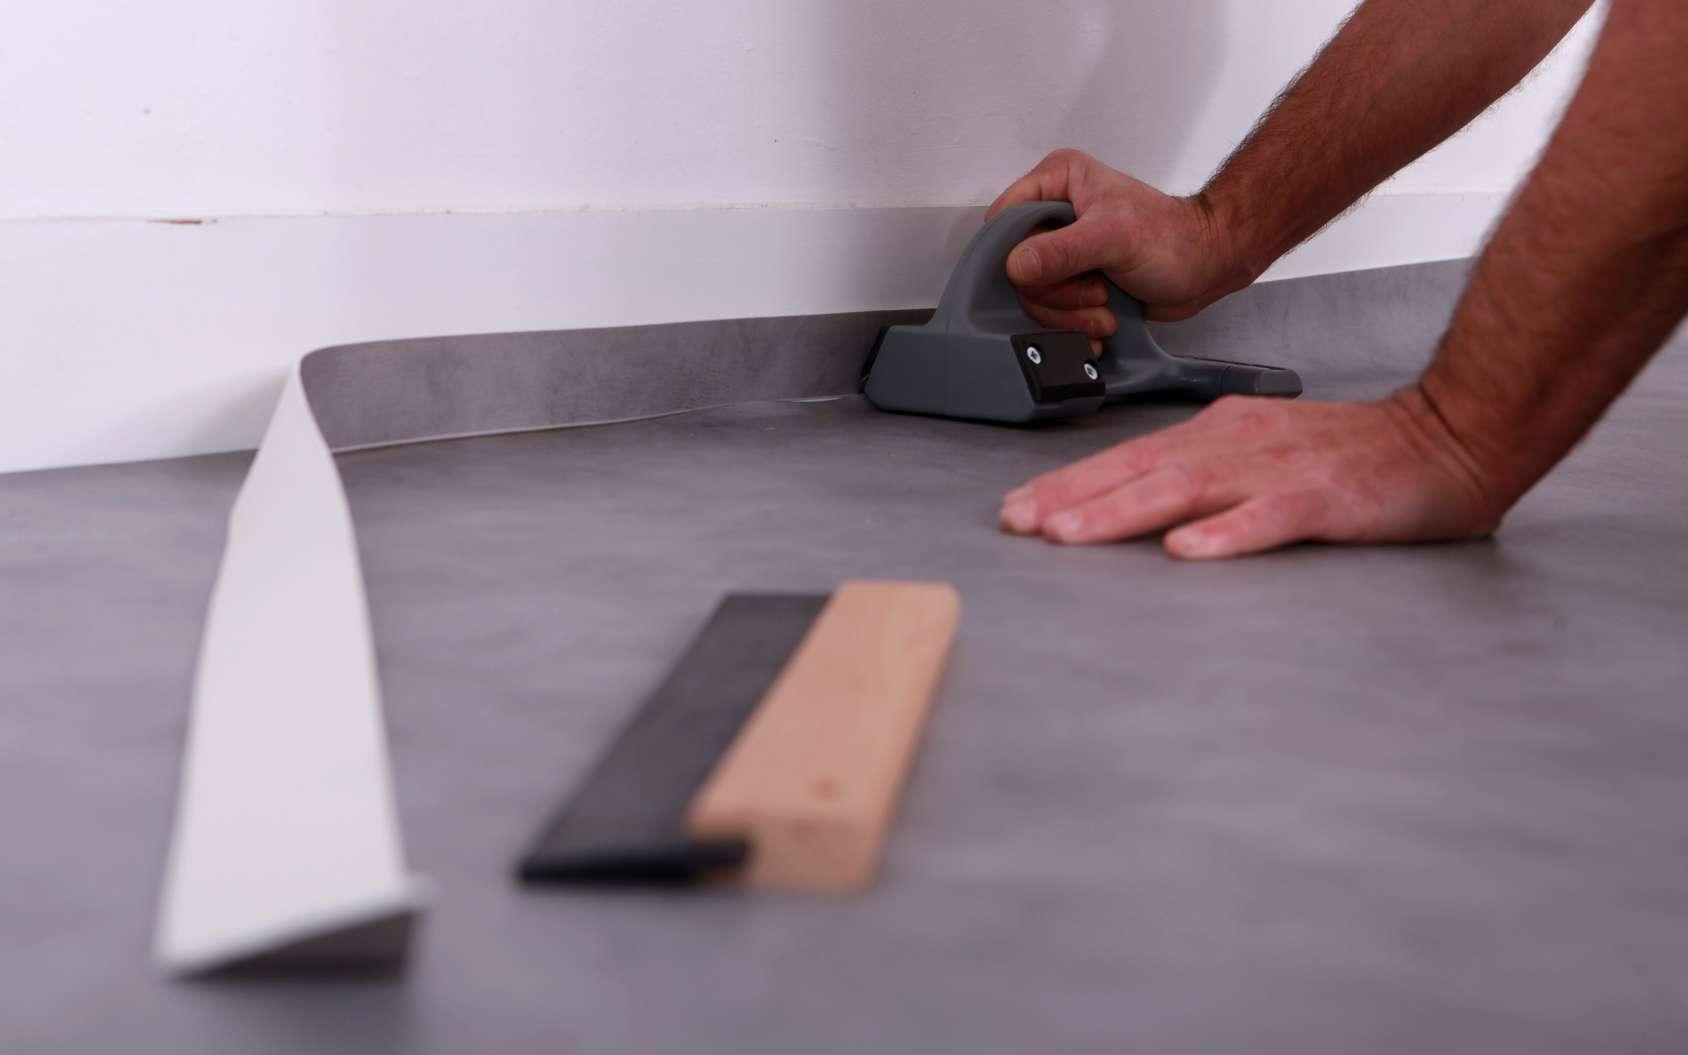 Le carrelage doit être parfaitement préparé avant d'accueillir le lino. Avant toute pose, n'oubliez pas de laisser vos rouleaux ou dalles 24 à 48 heures dans la pièce, à une température supérieure à 15 °C. En effet, le linoleum est un matériau qui travaille. © auremar, Fotolia